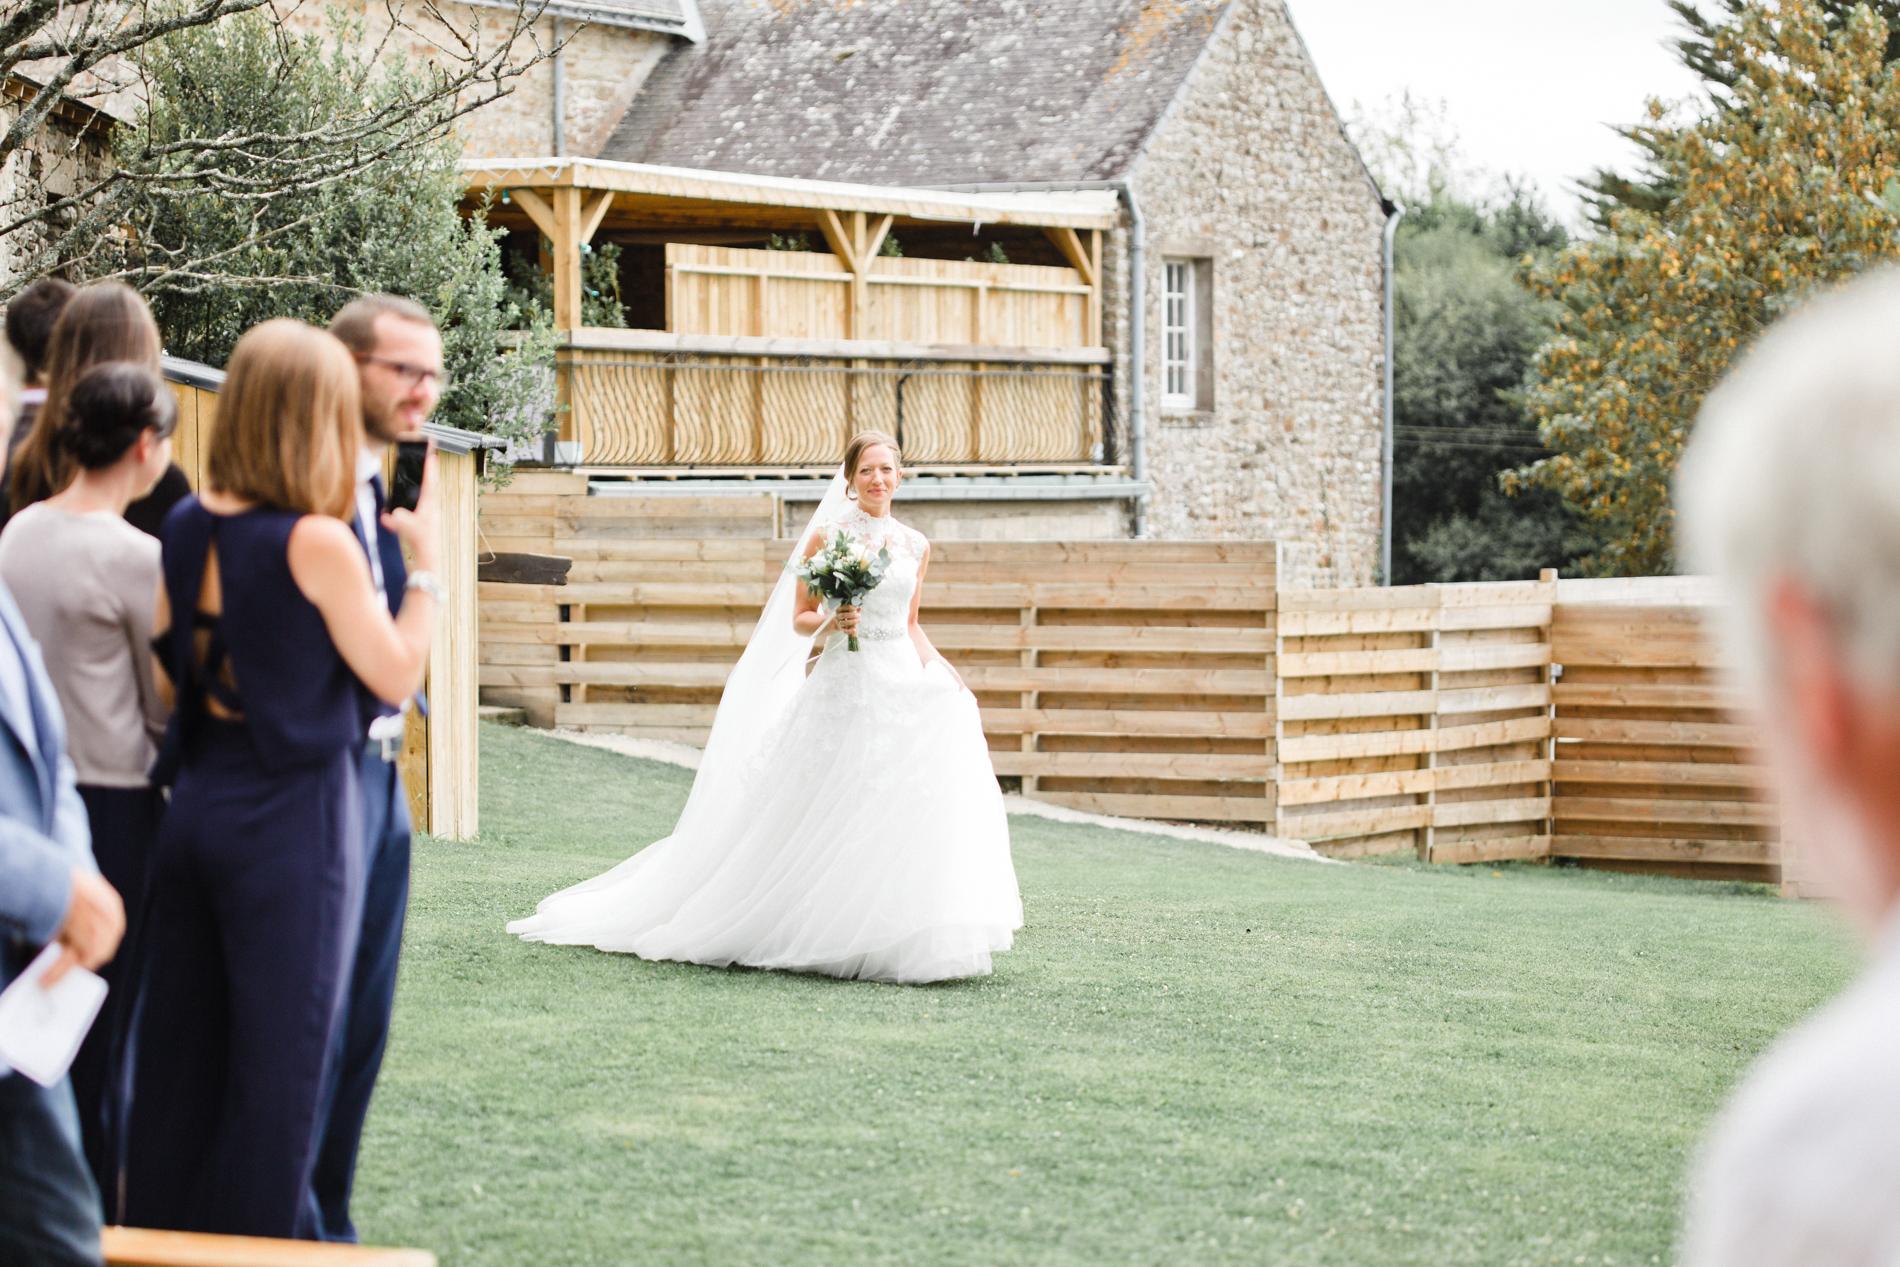 photographe-mariage-bretagne-maria-thomas-57